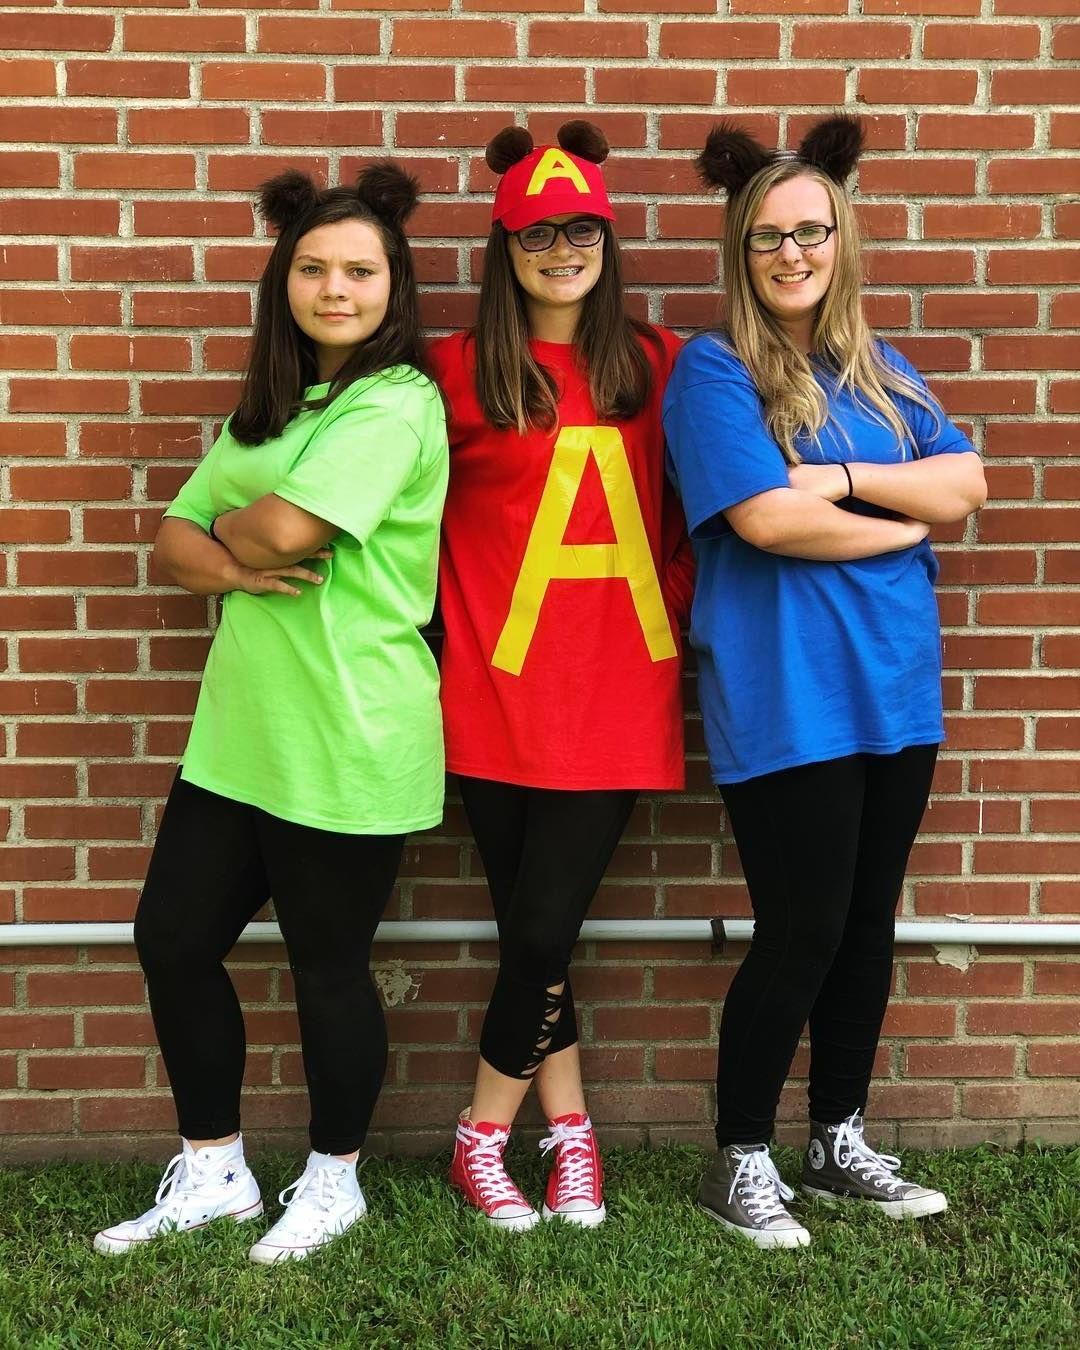 Idée de déguisement de groupe: Alvin et les Chipmunks.